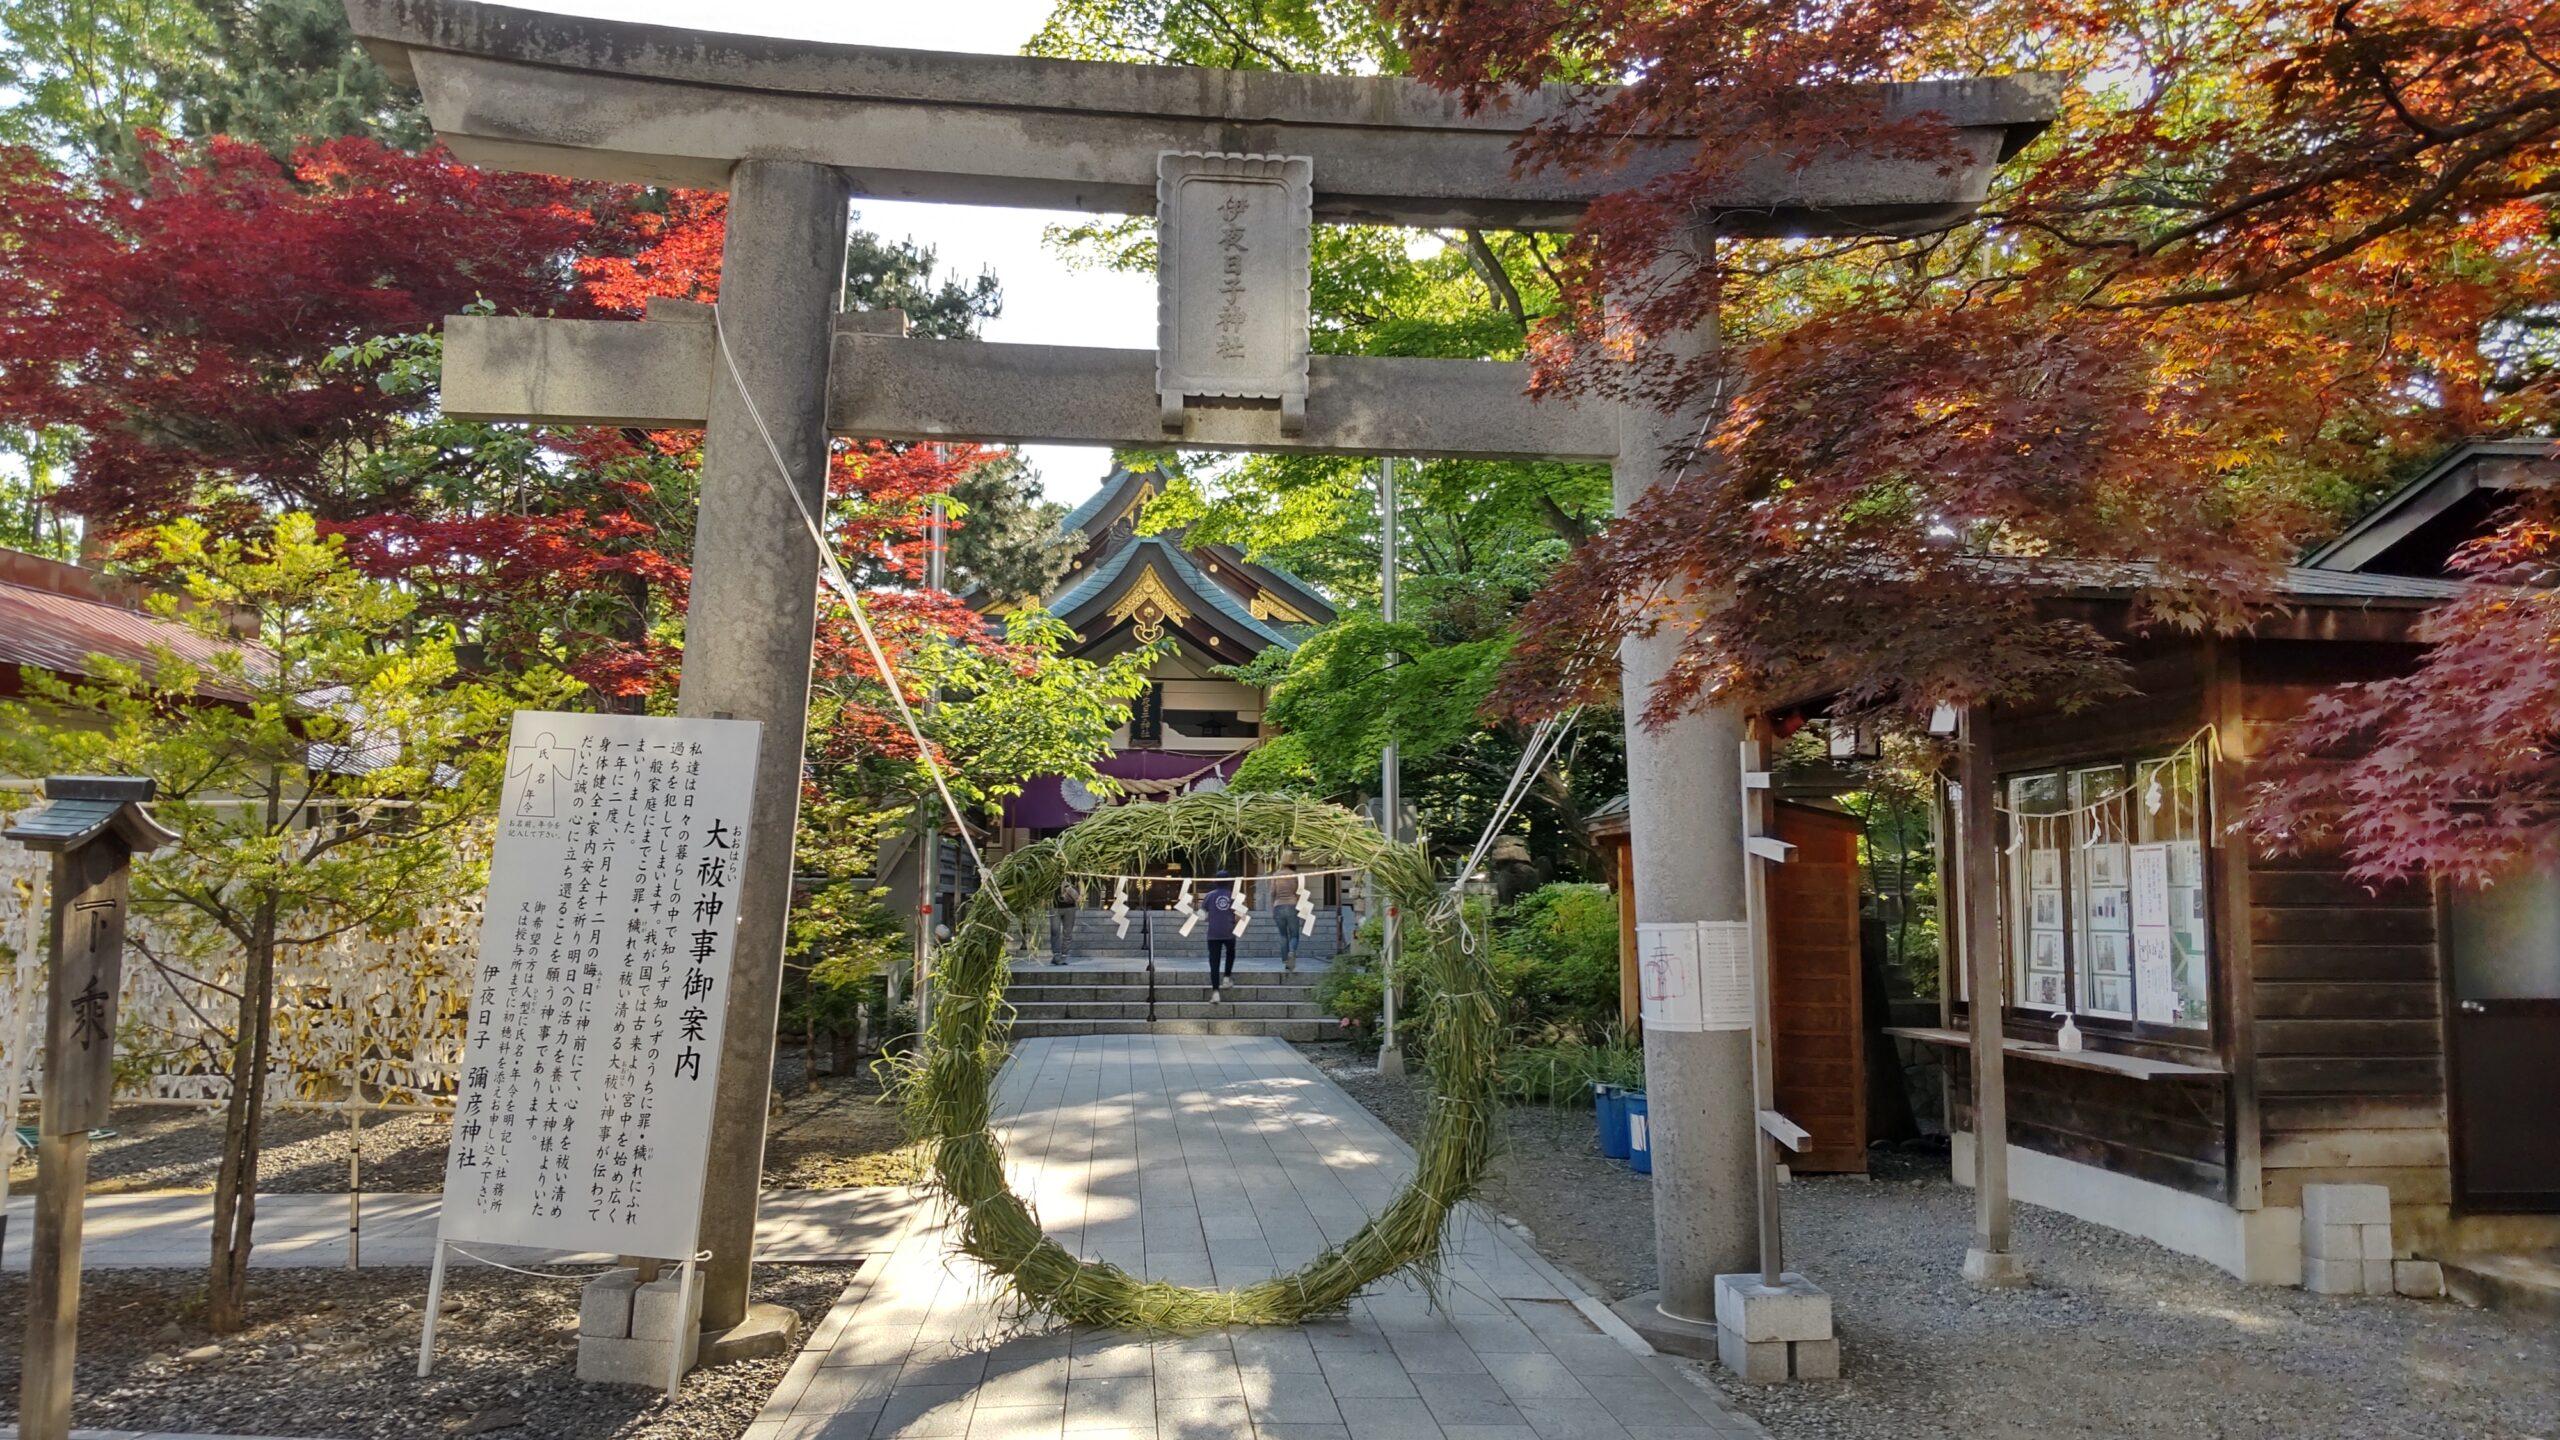 弥彦神社(彌彦神社・伊夜日子神社)